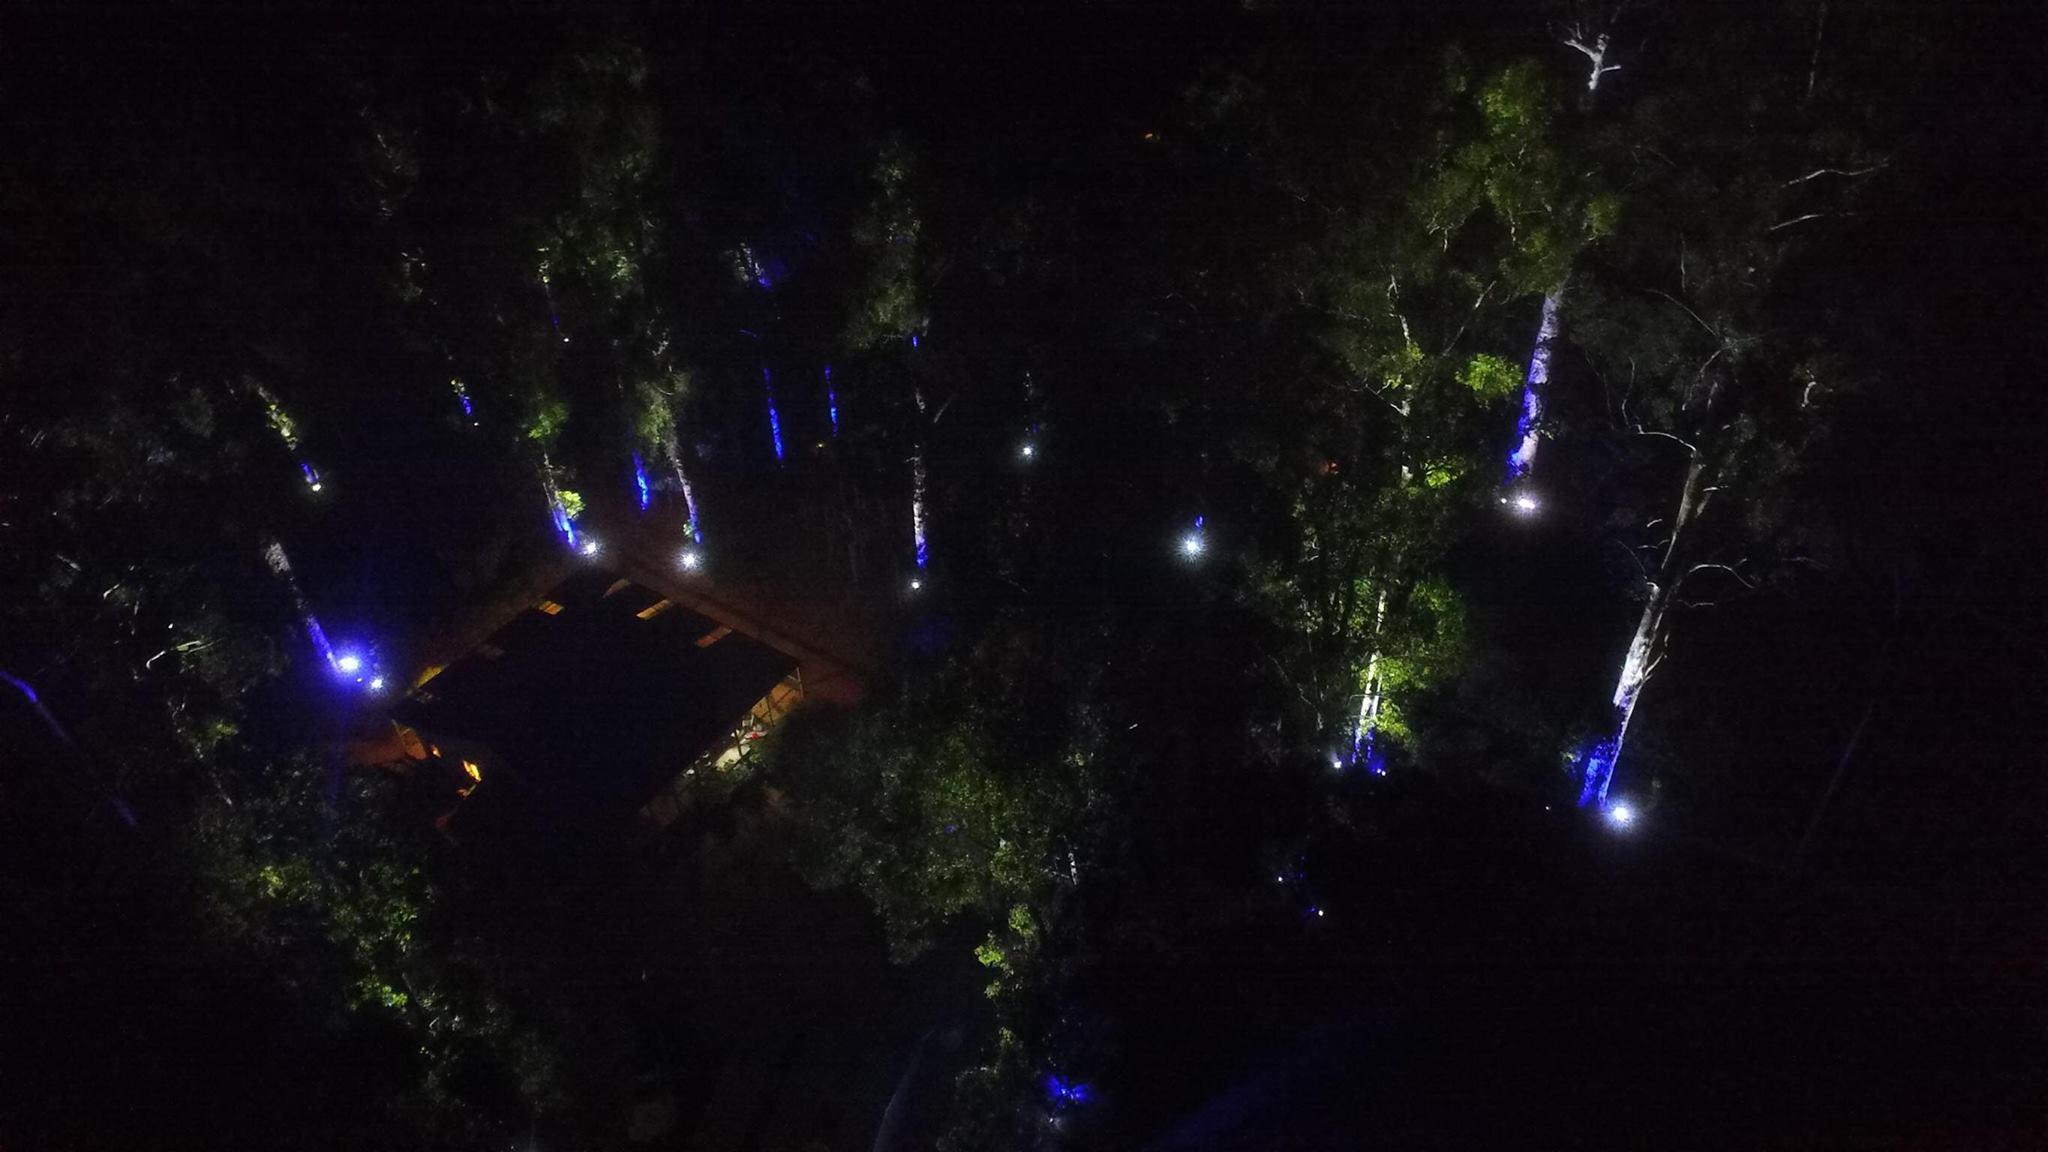 ktc-tree-drone-pic